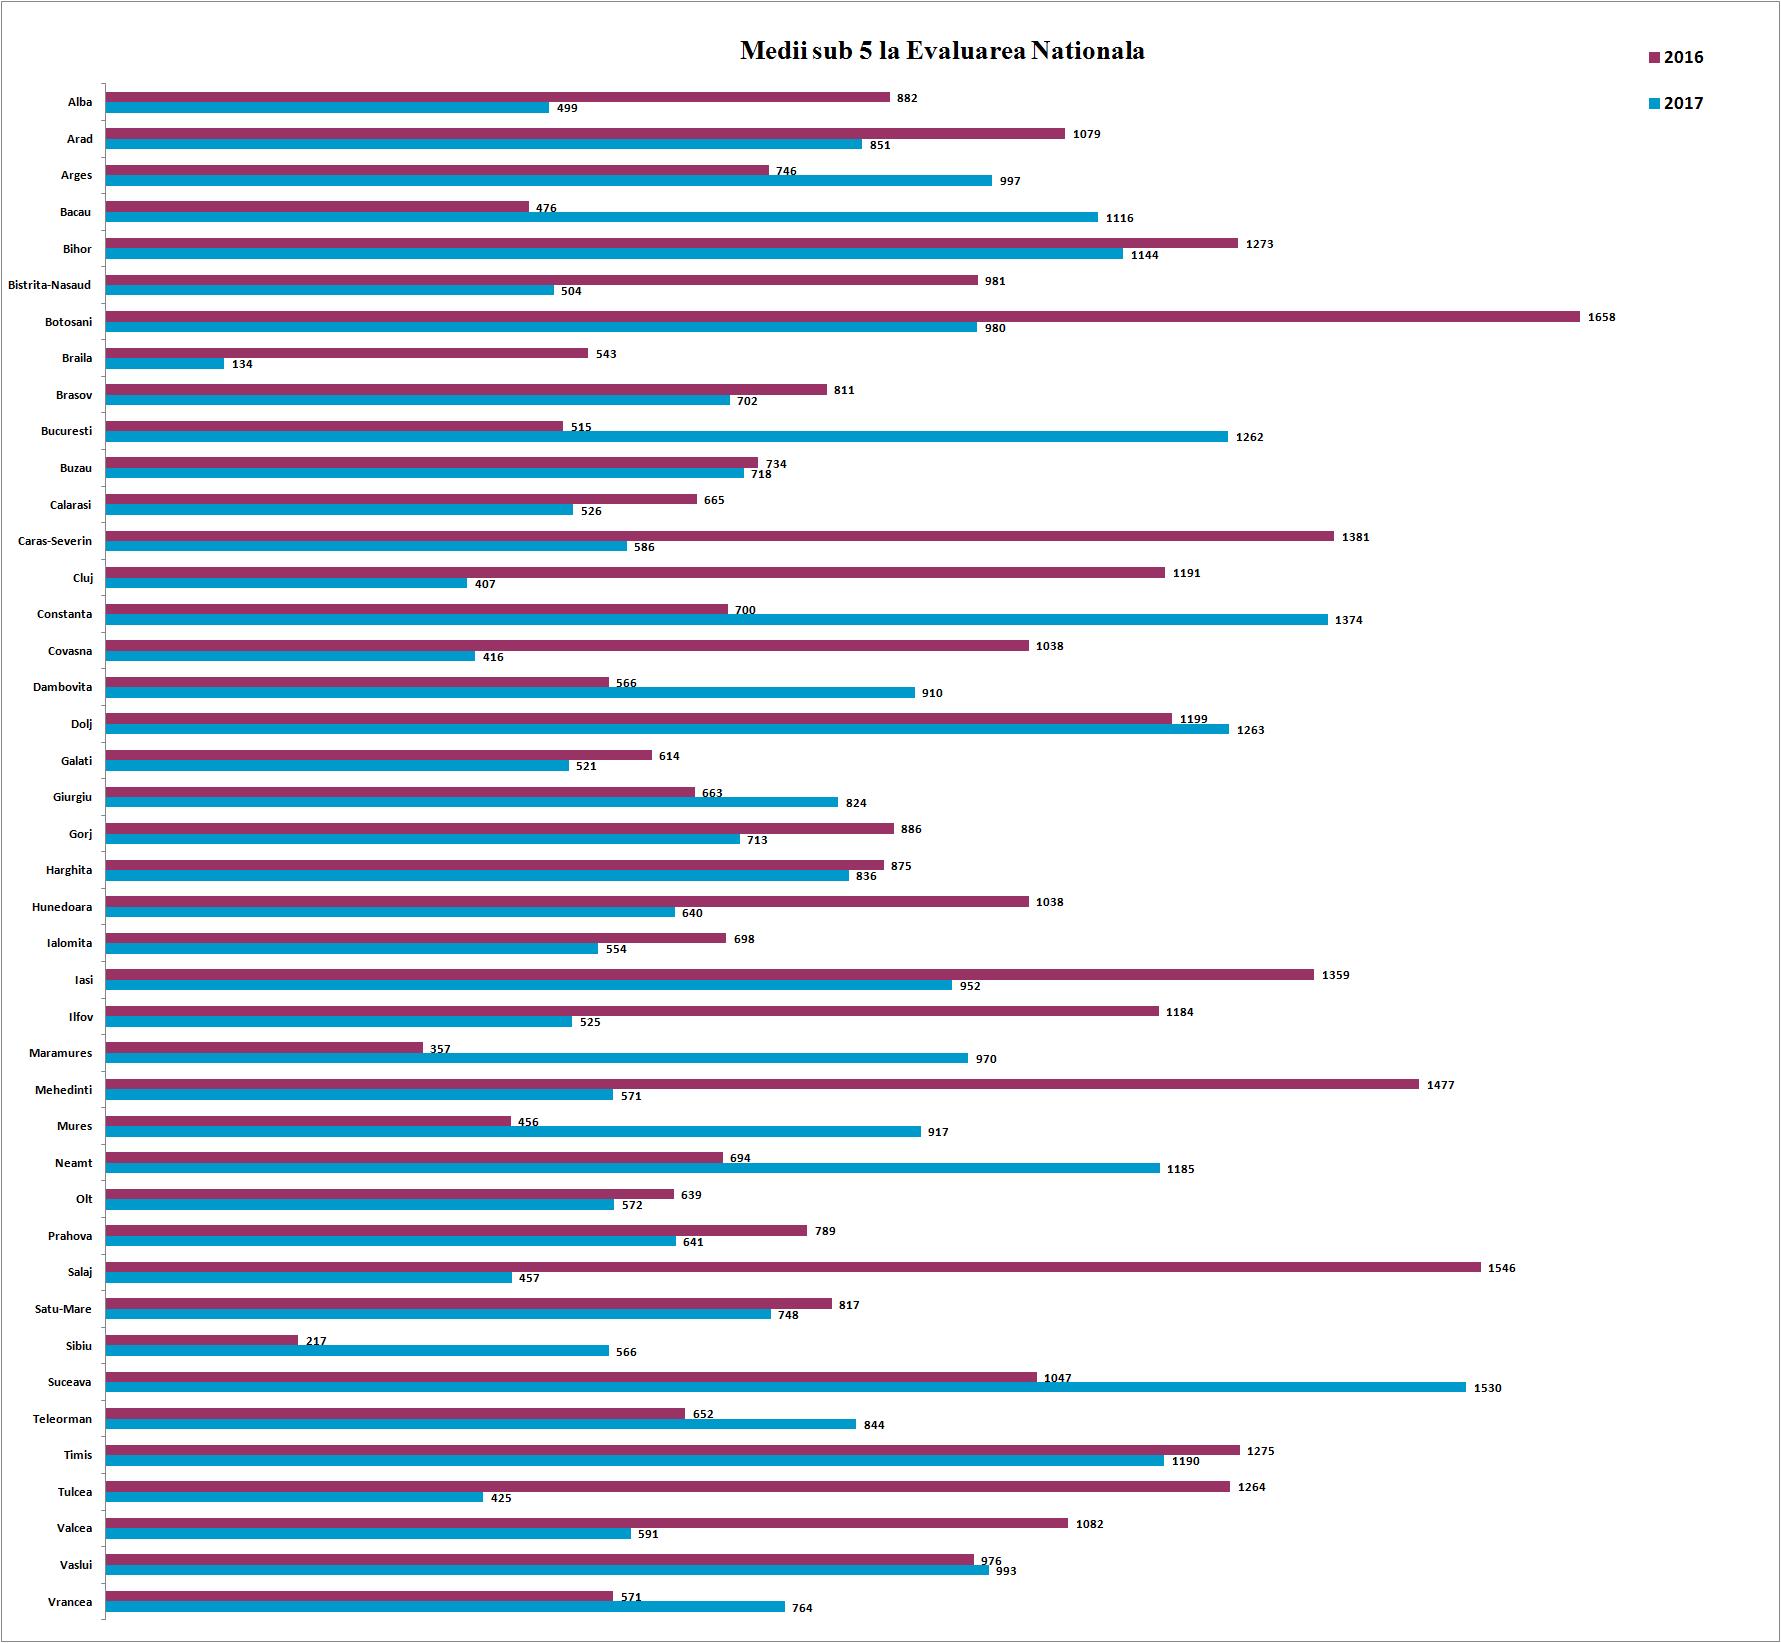 Medii mai mici de 5 la Evaluarea Nationala - 2017 vs 2016